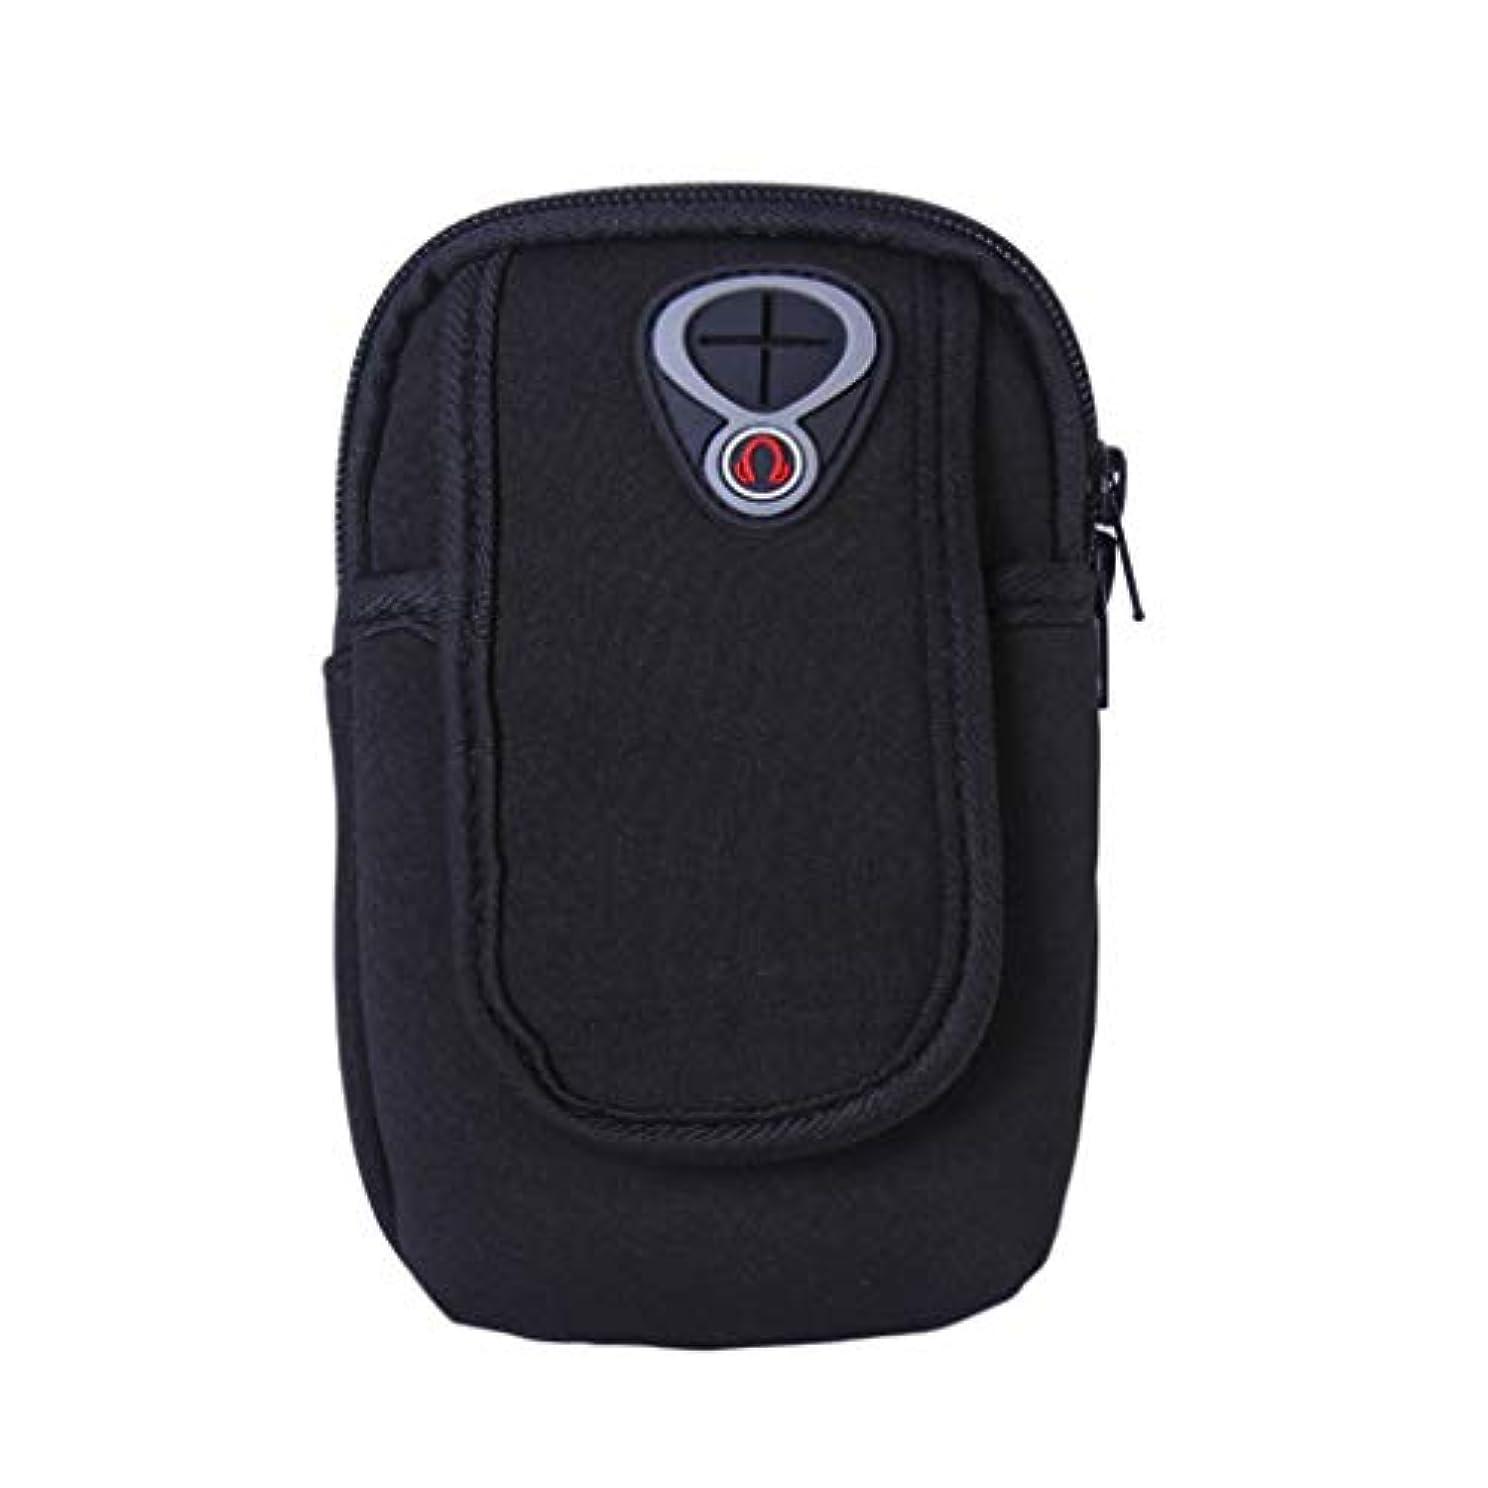 因子サーキットに行く素朴なスマートフォンホルダー 携帯ケース YOKINO 通気性抜群 小物収納 防水防汗 軽量 縫い目なし 調節可能 男女共用